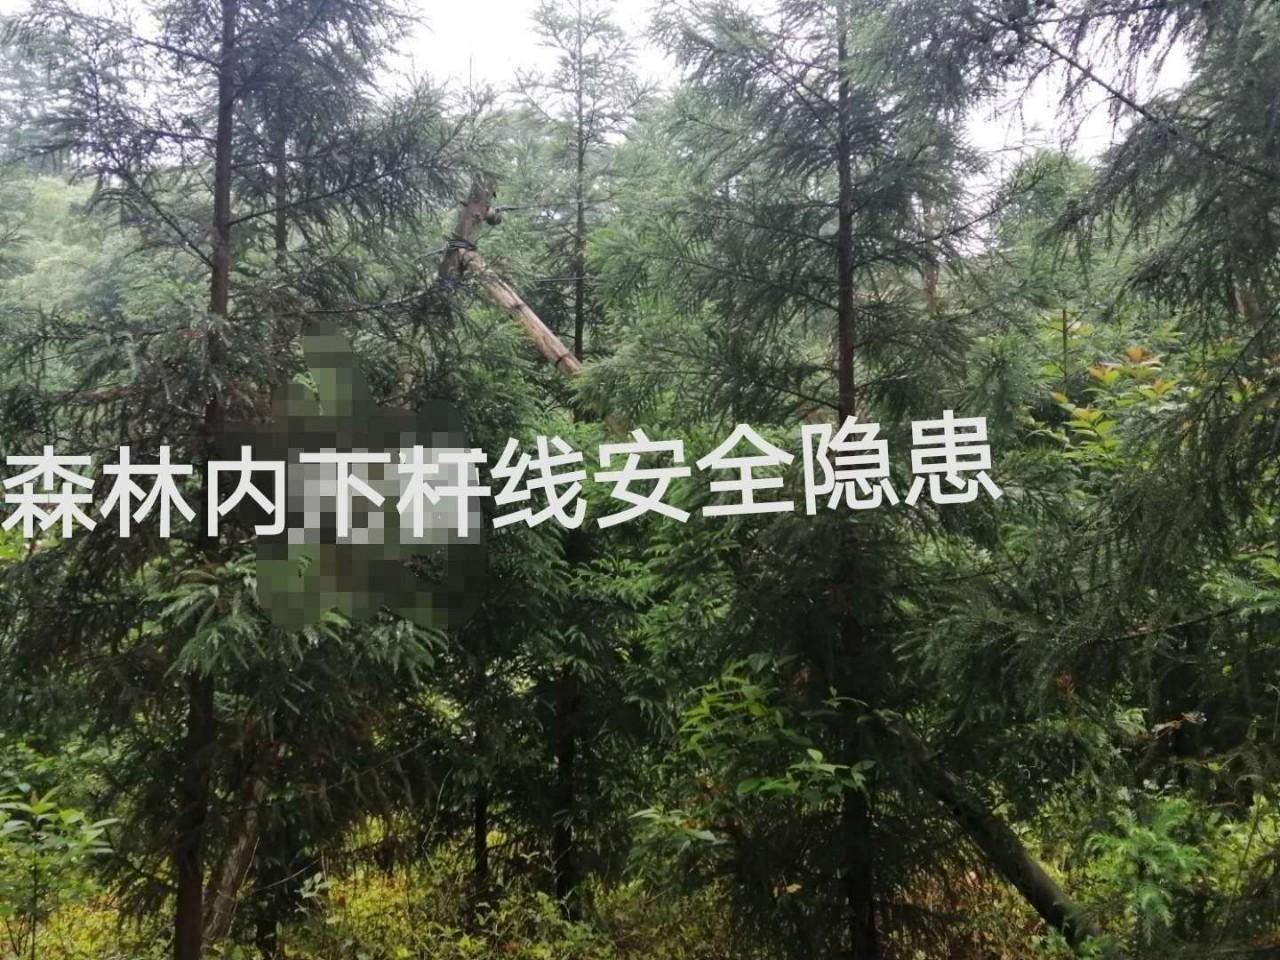 电力,人为因素等森林防火安全隐患